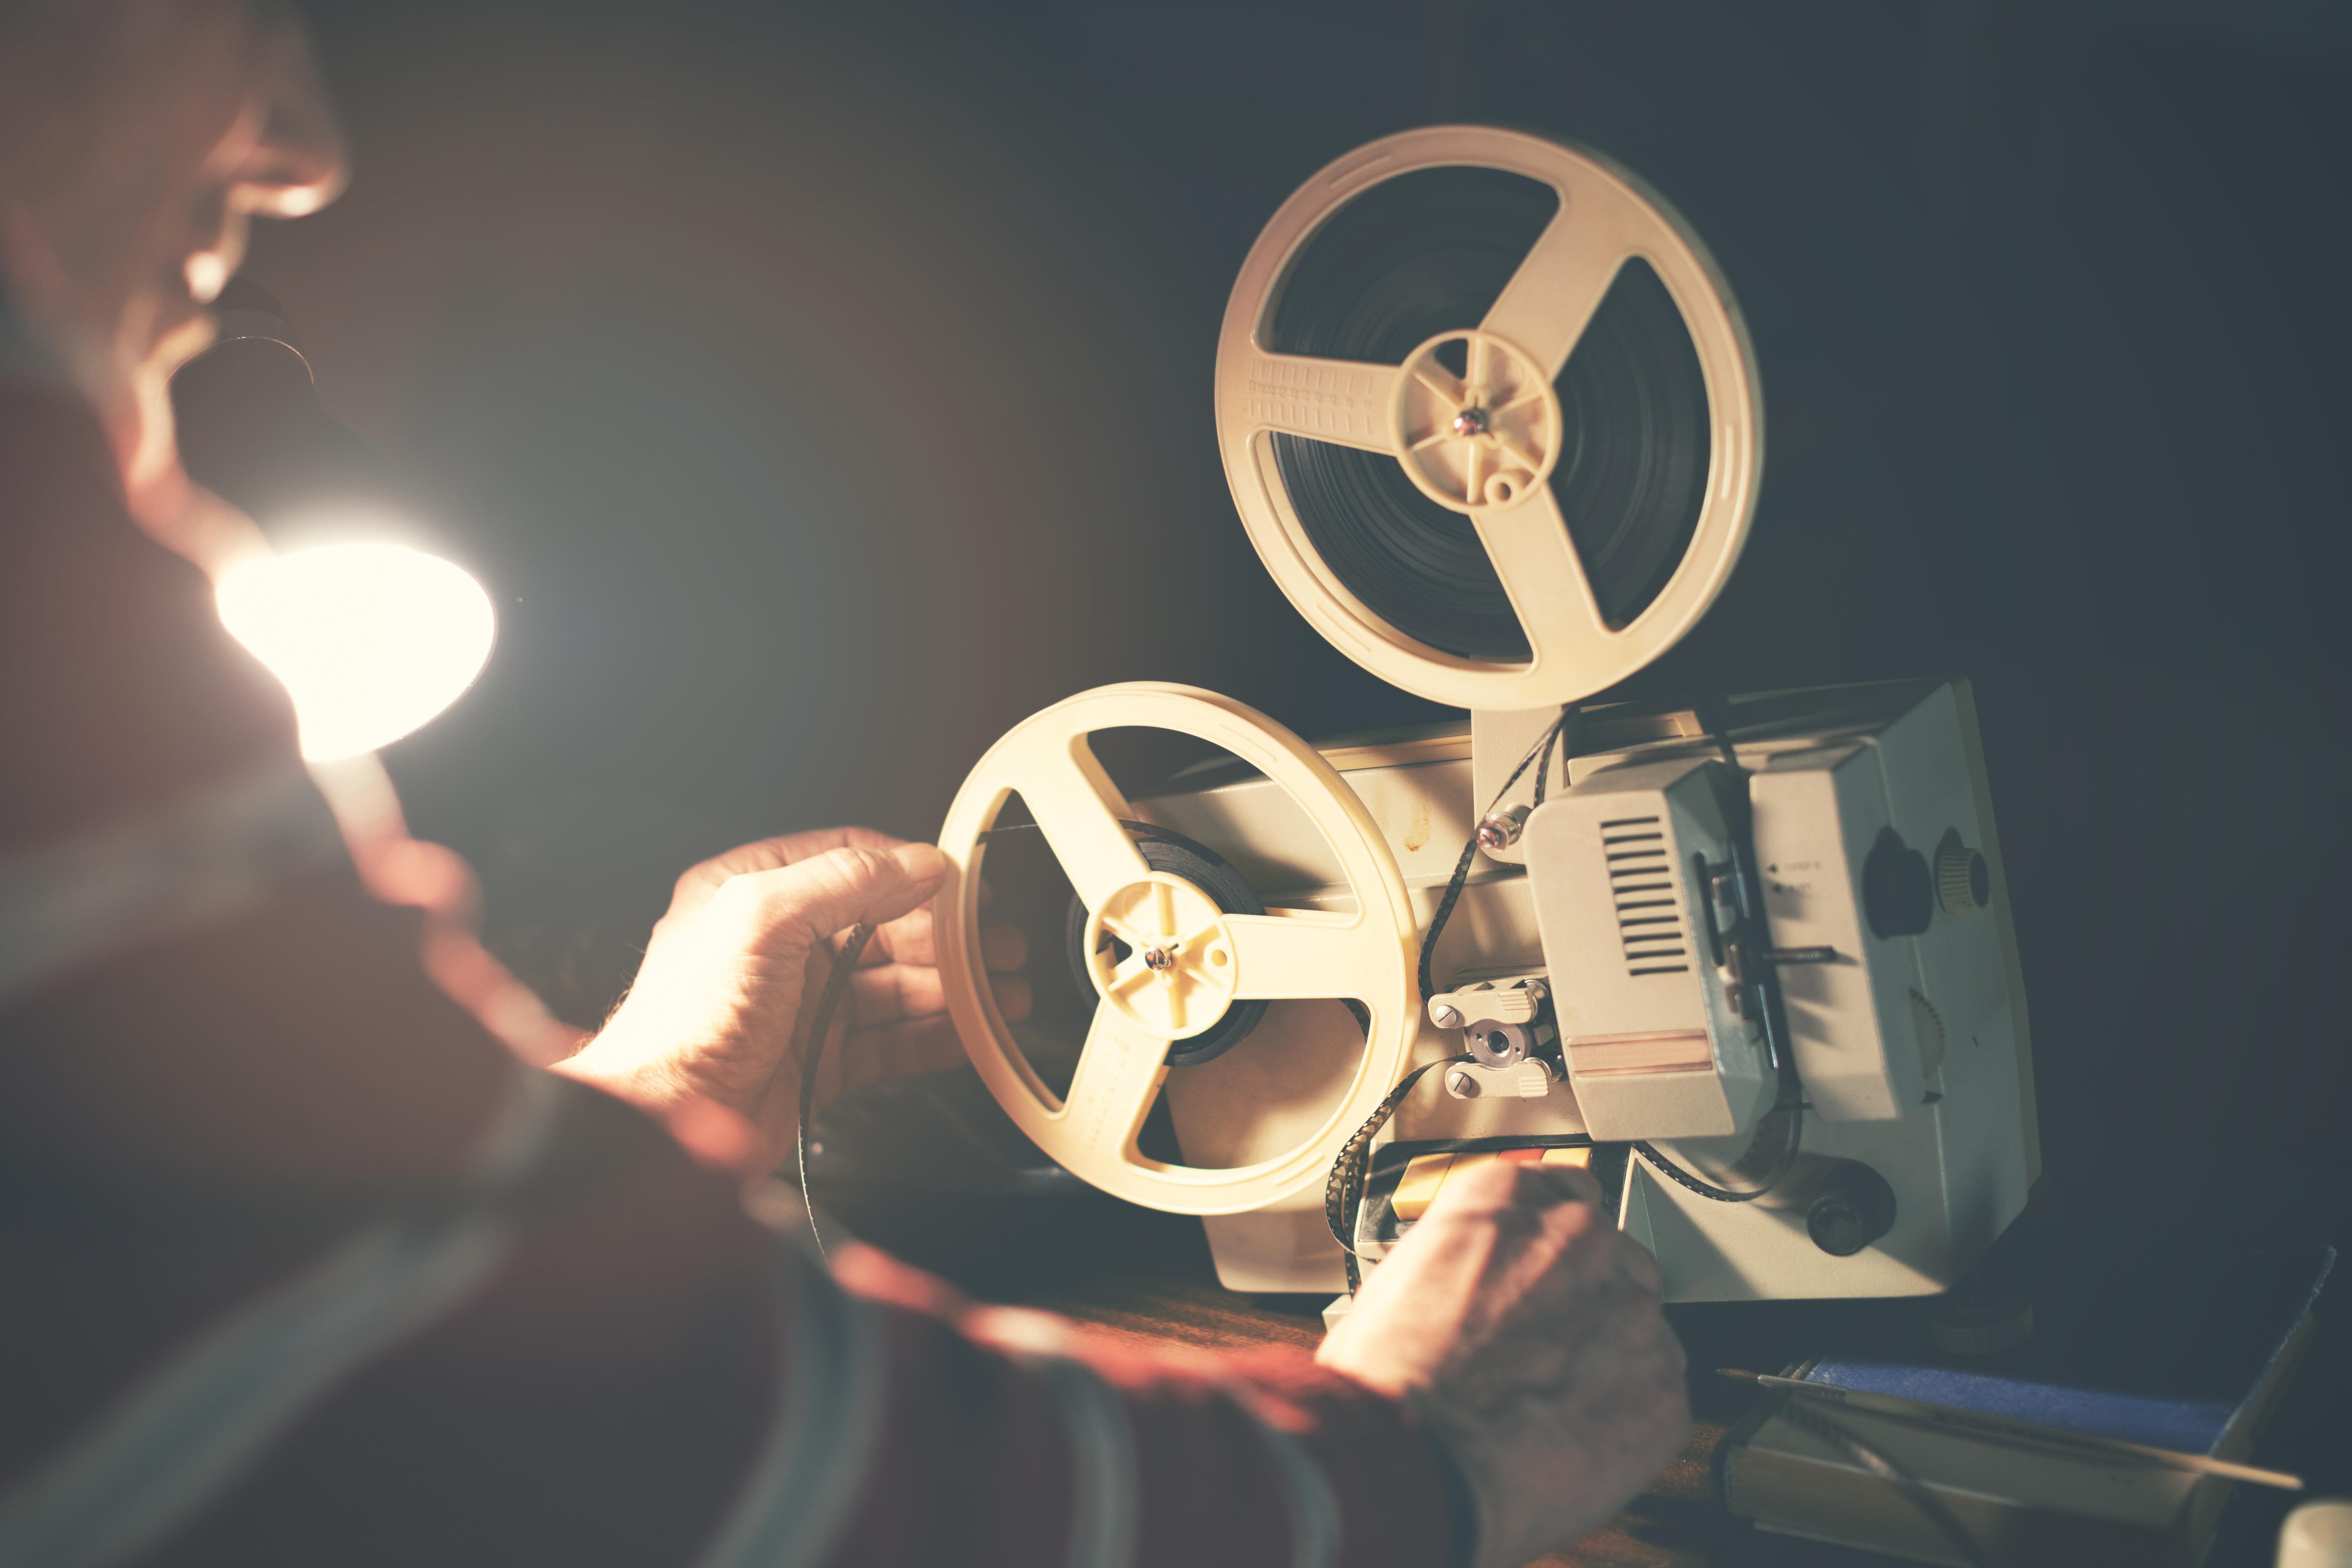 man set up film reel on vintage 8mm movie projector in dark room